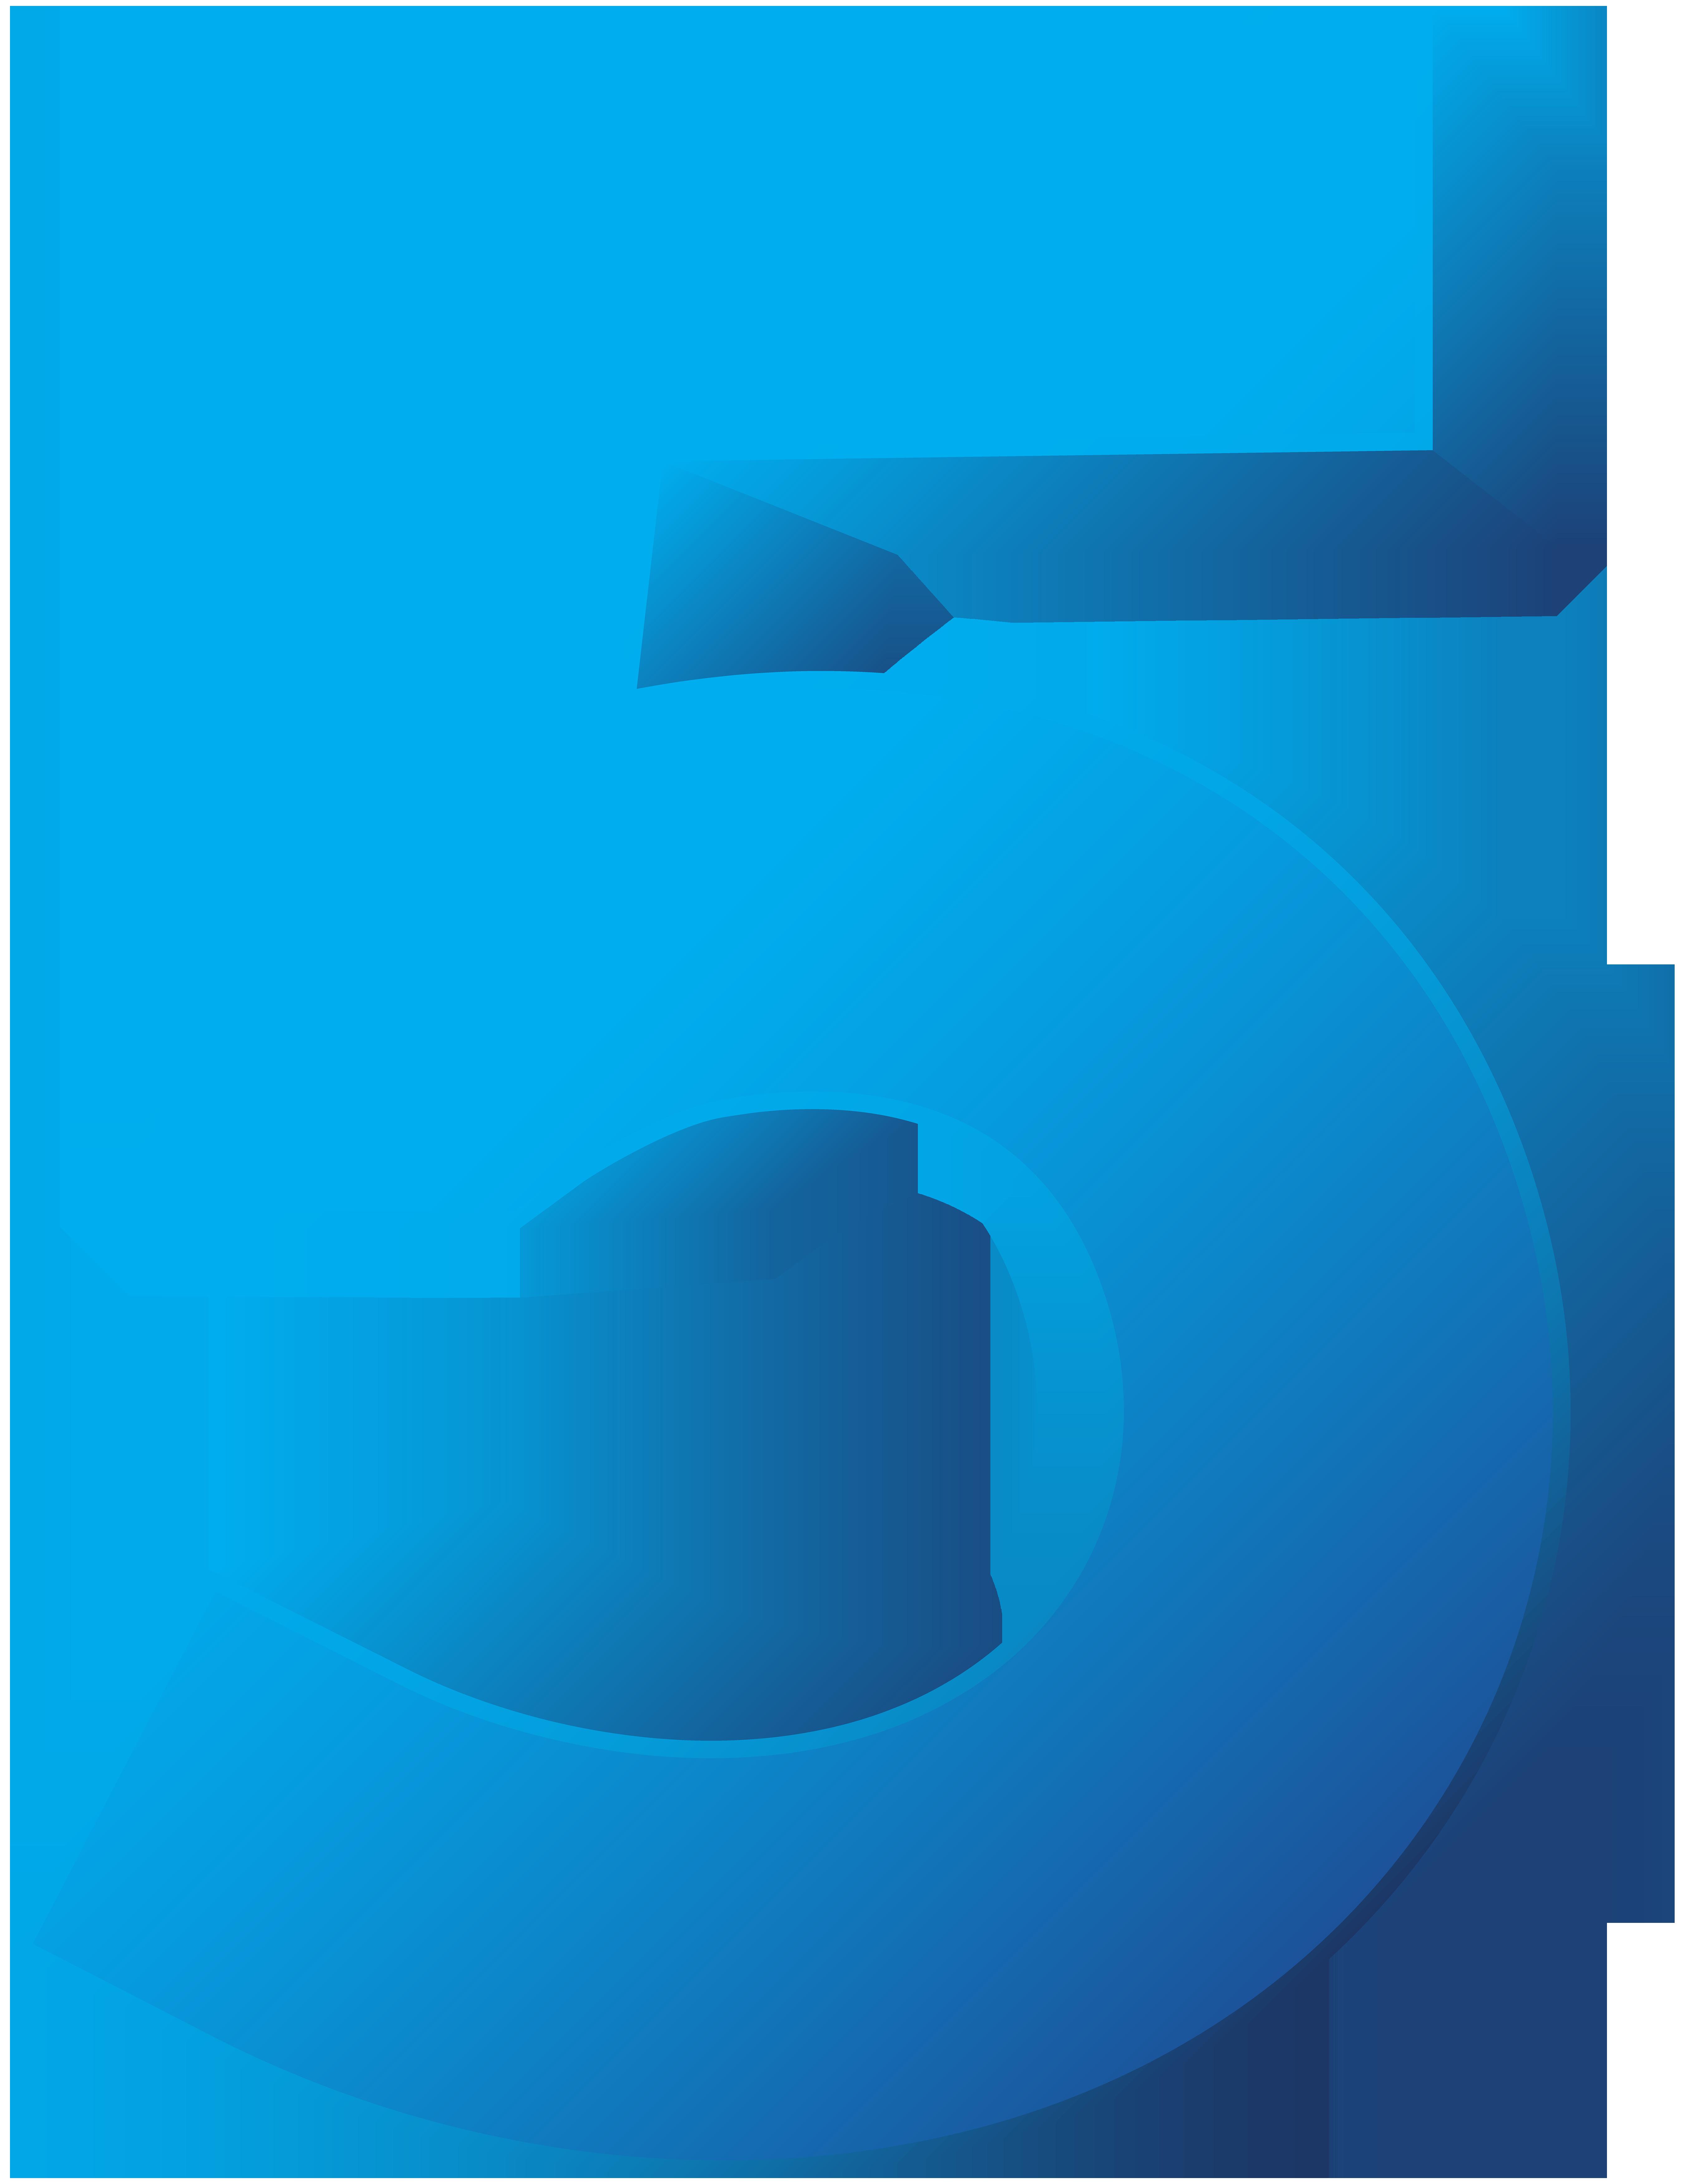 Blue Number Five Transparent PNG Clip Art Image.